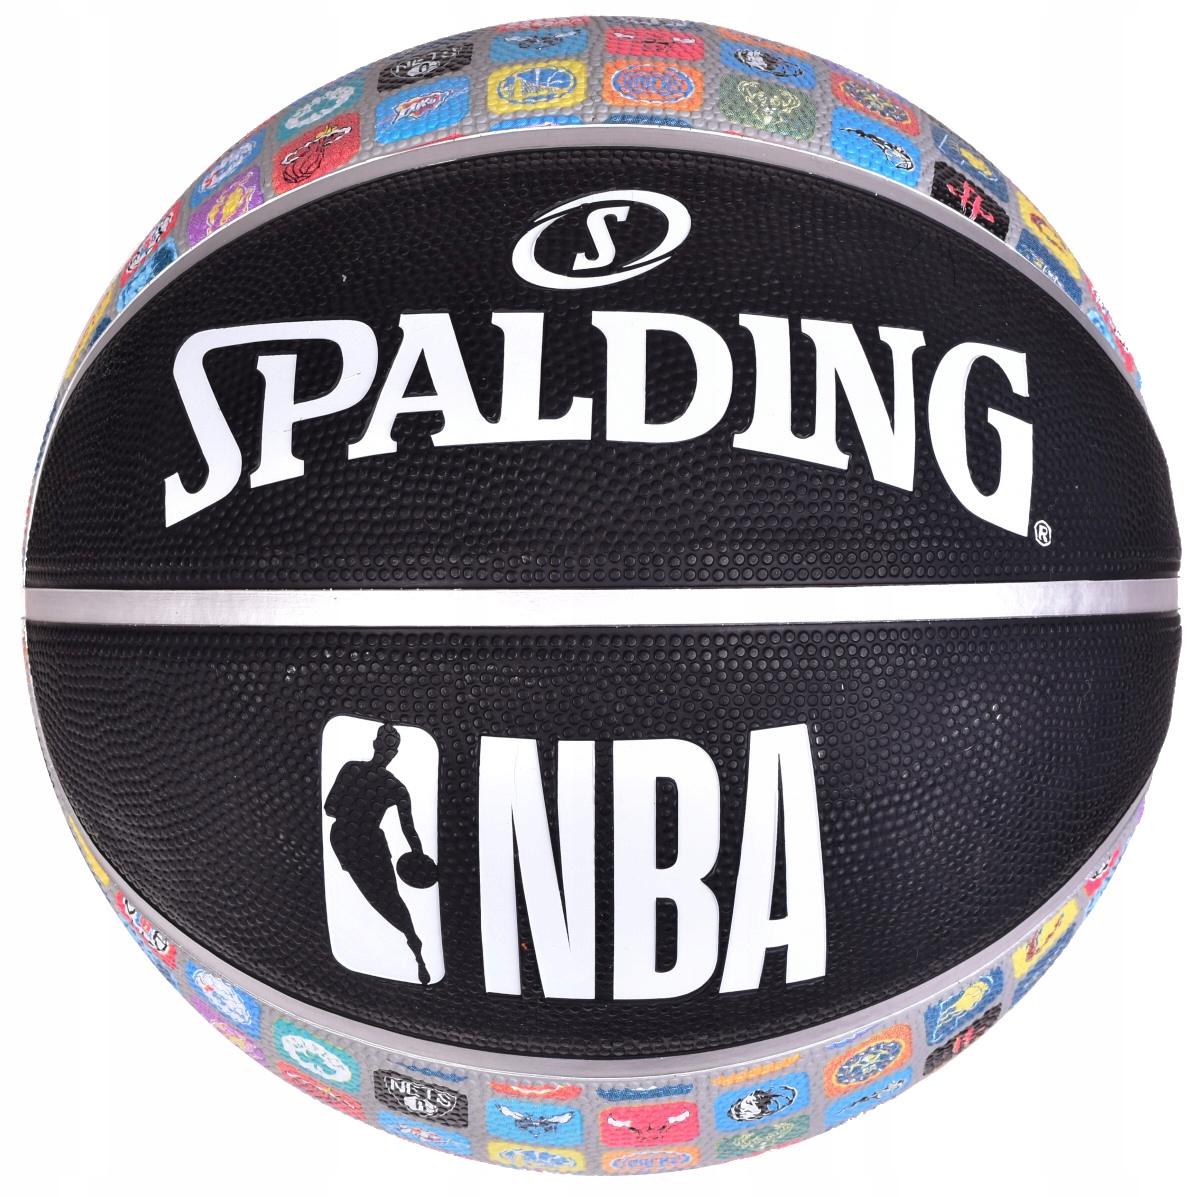 SPALDING NBA TÍM ZBIERKY 7 BASKETBAL